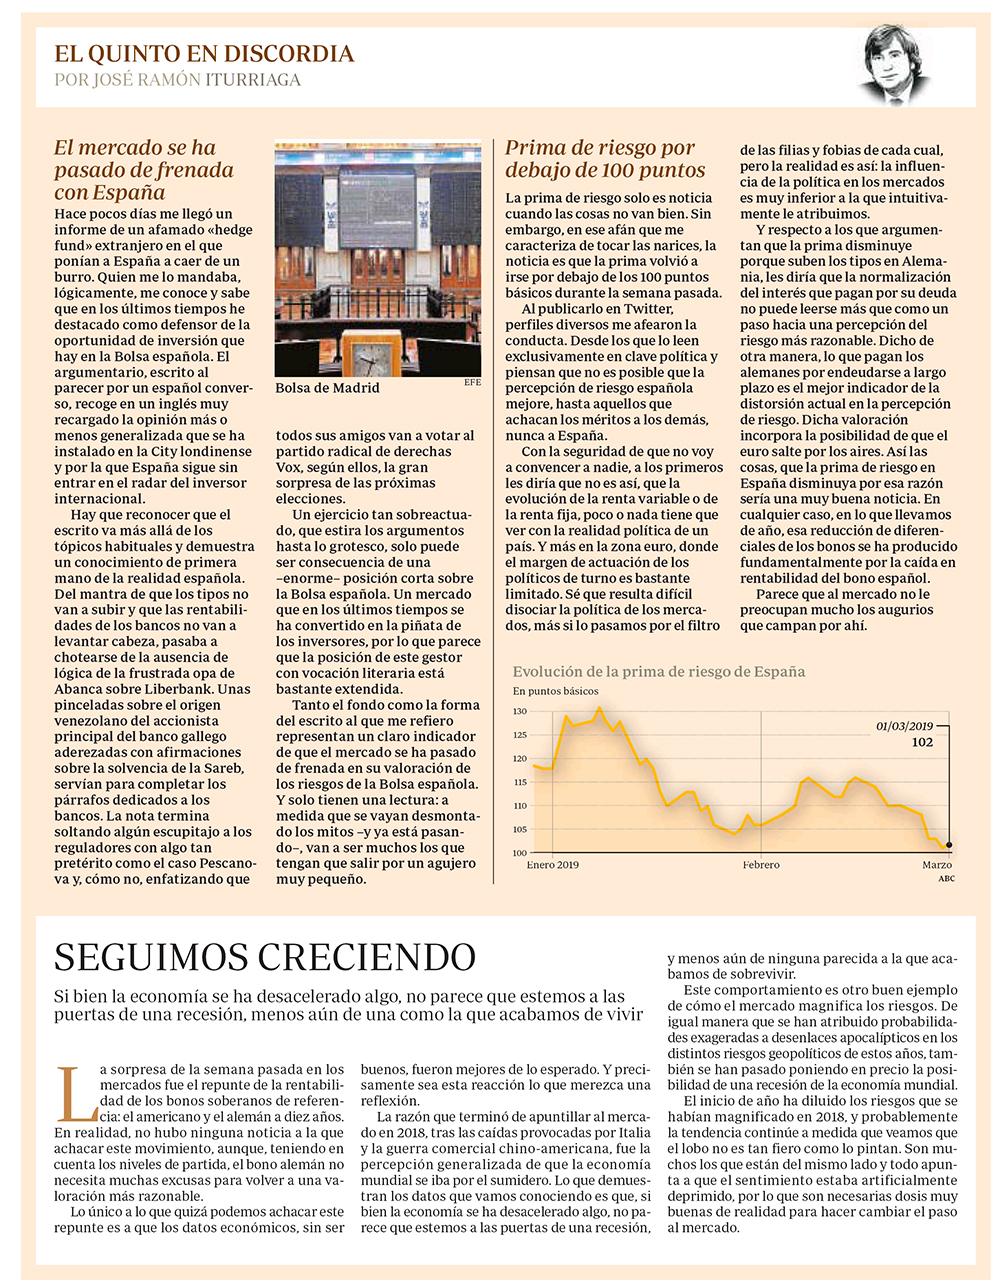 ABC EQED ITURRIAGA MERCADO PRIMA DE RIESGO Y CRECIMIENTO 04032019-1